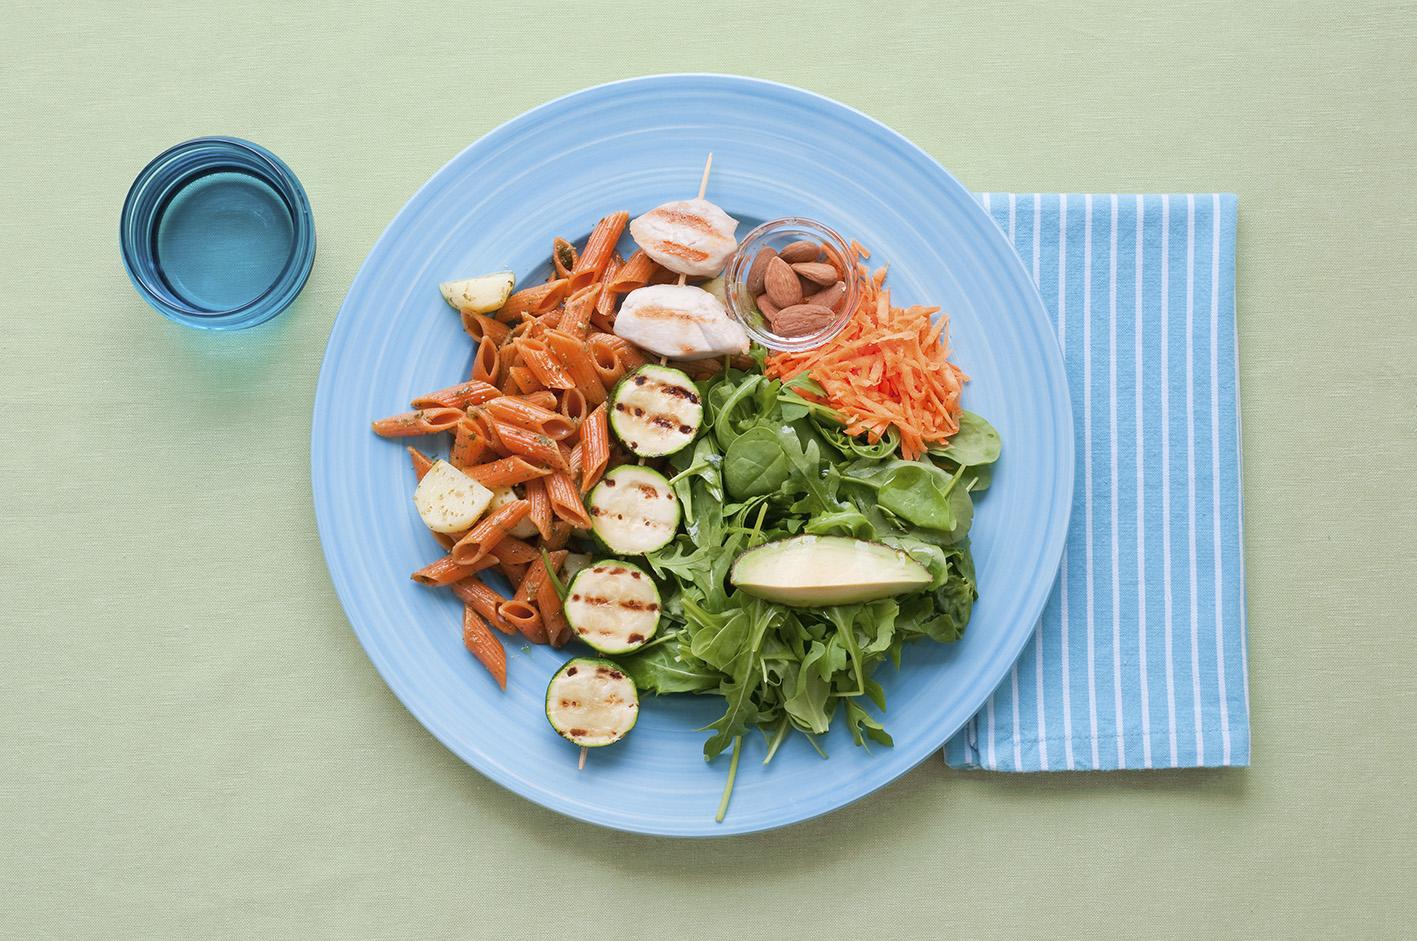 mat för diabetiker